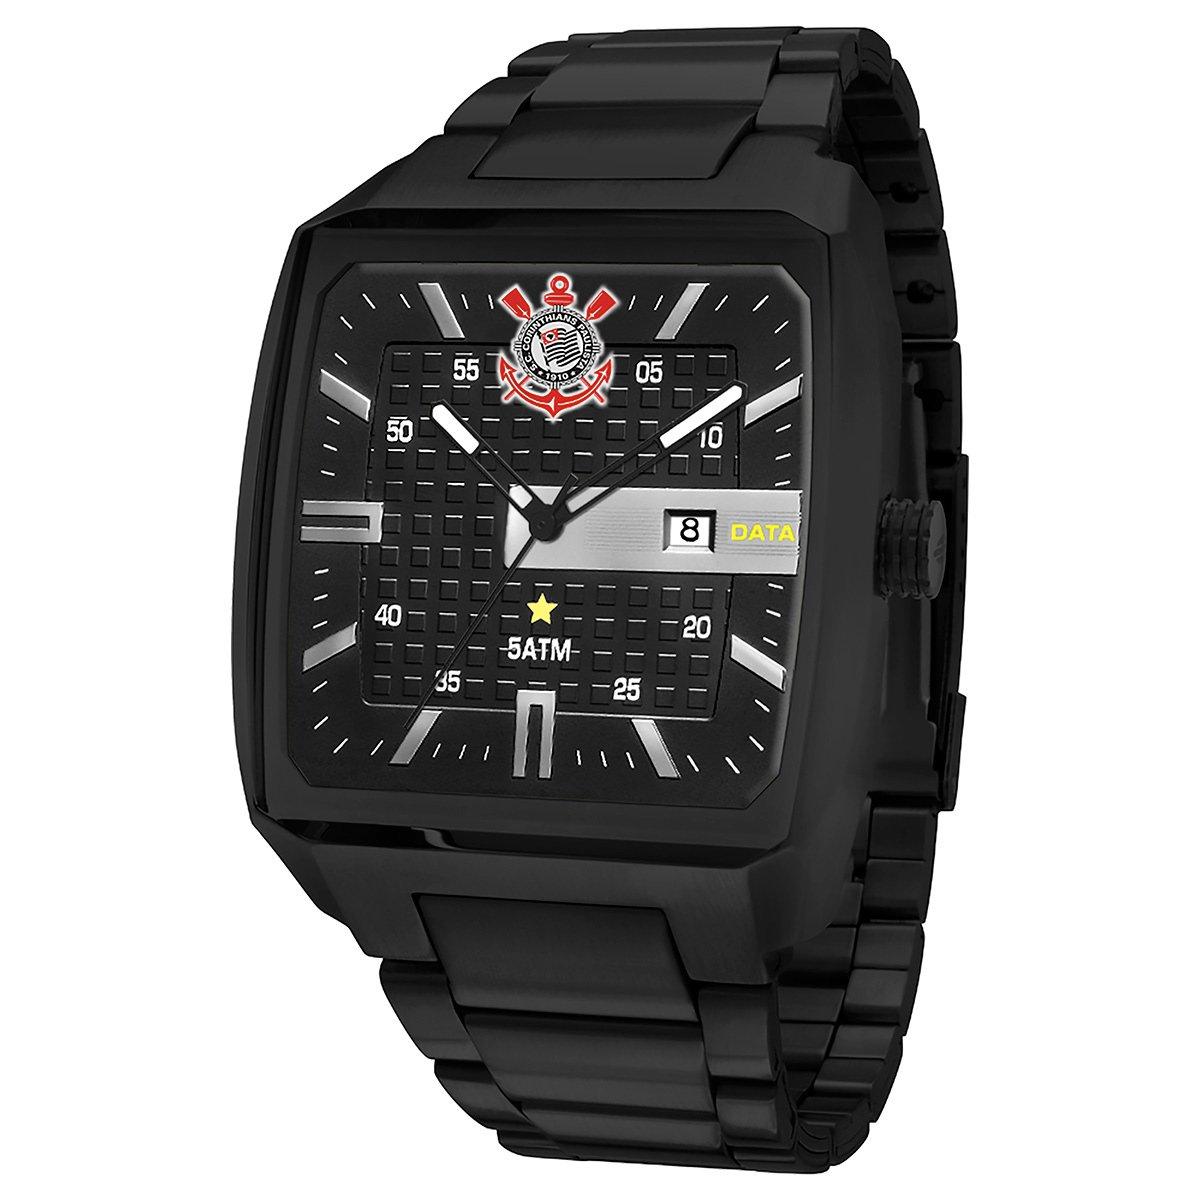 690e177b0f7 Relógio Corinthians Technos Analógico 5 ATM Masculino - Compre Agora ...